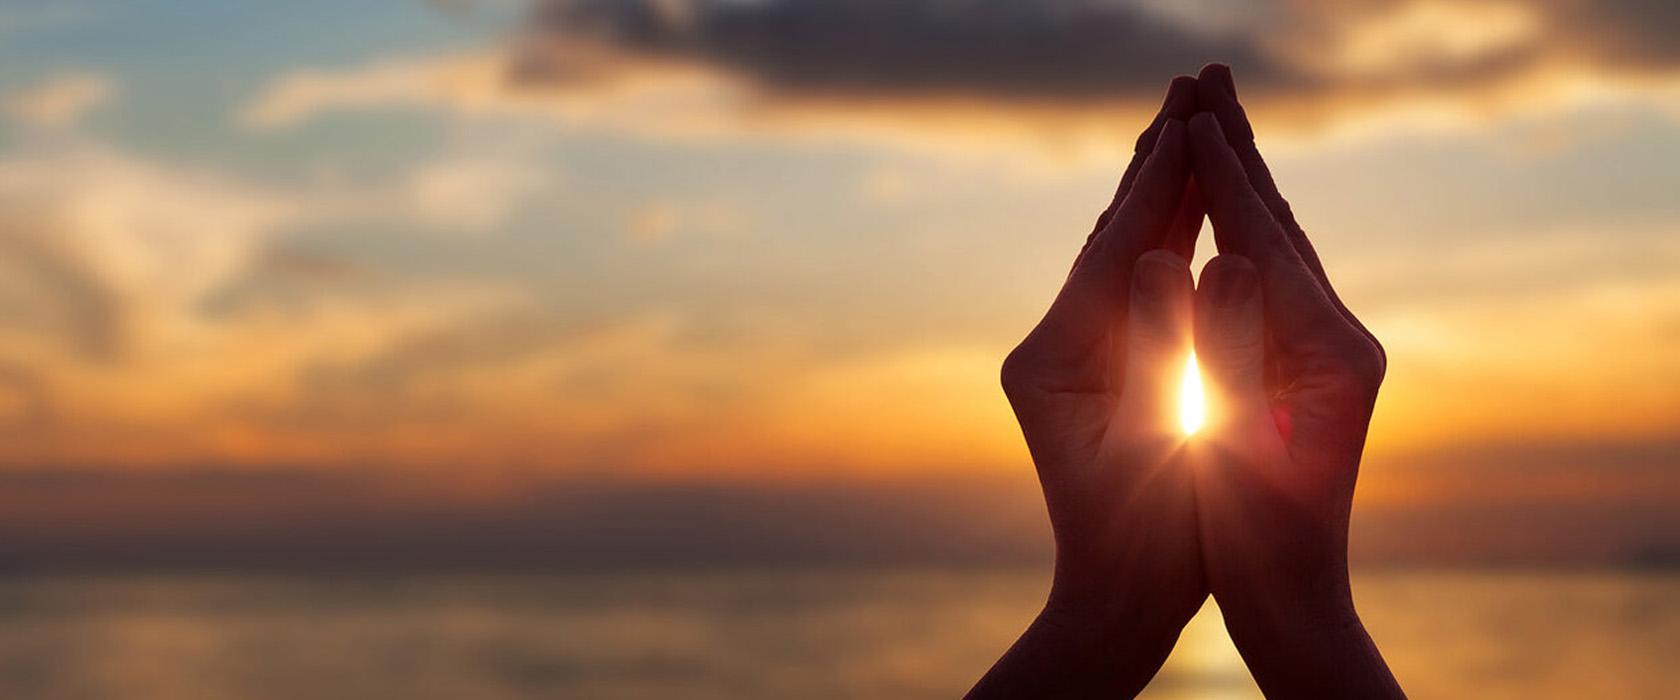 Намасте: что значит йоговское приветствие? | сайт для здорового образа жизни